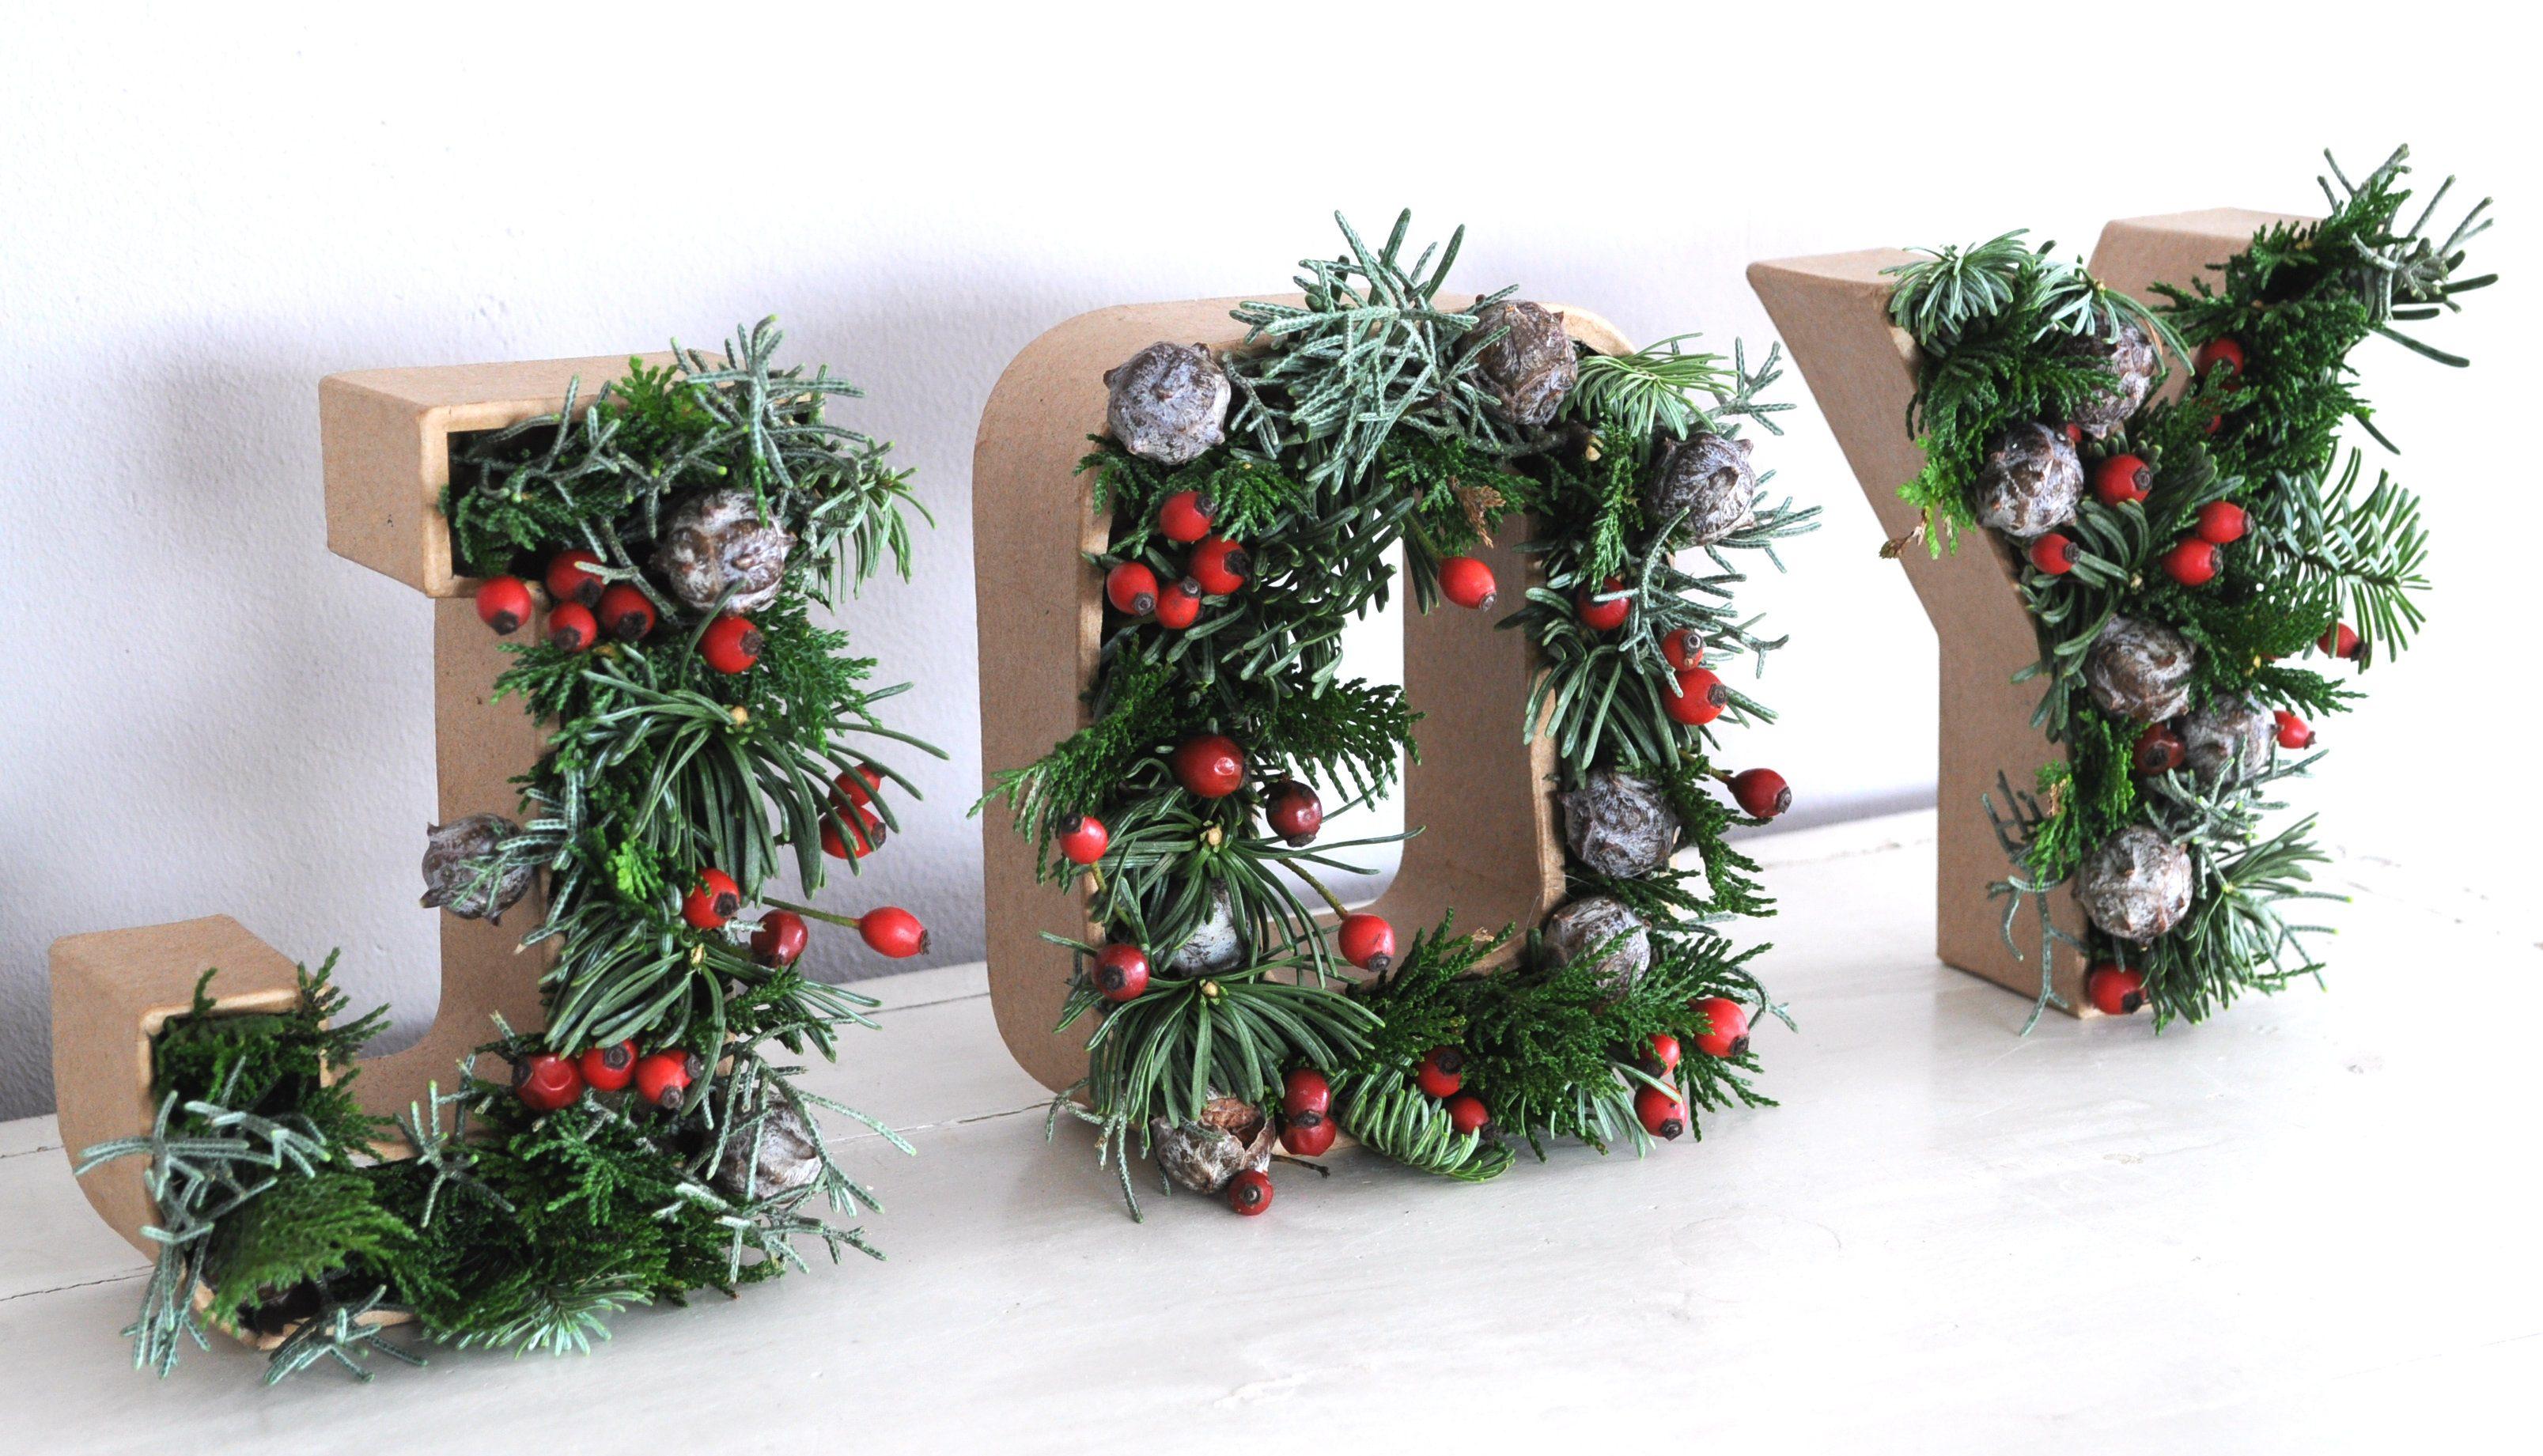 kerstletters-met-kerstgroen-maken